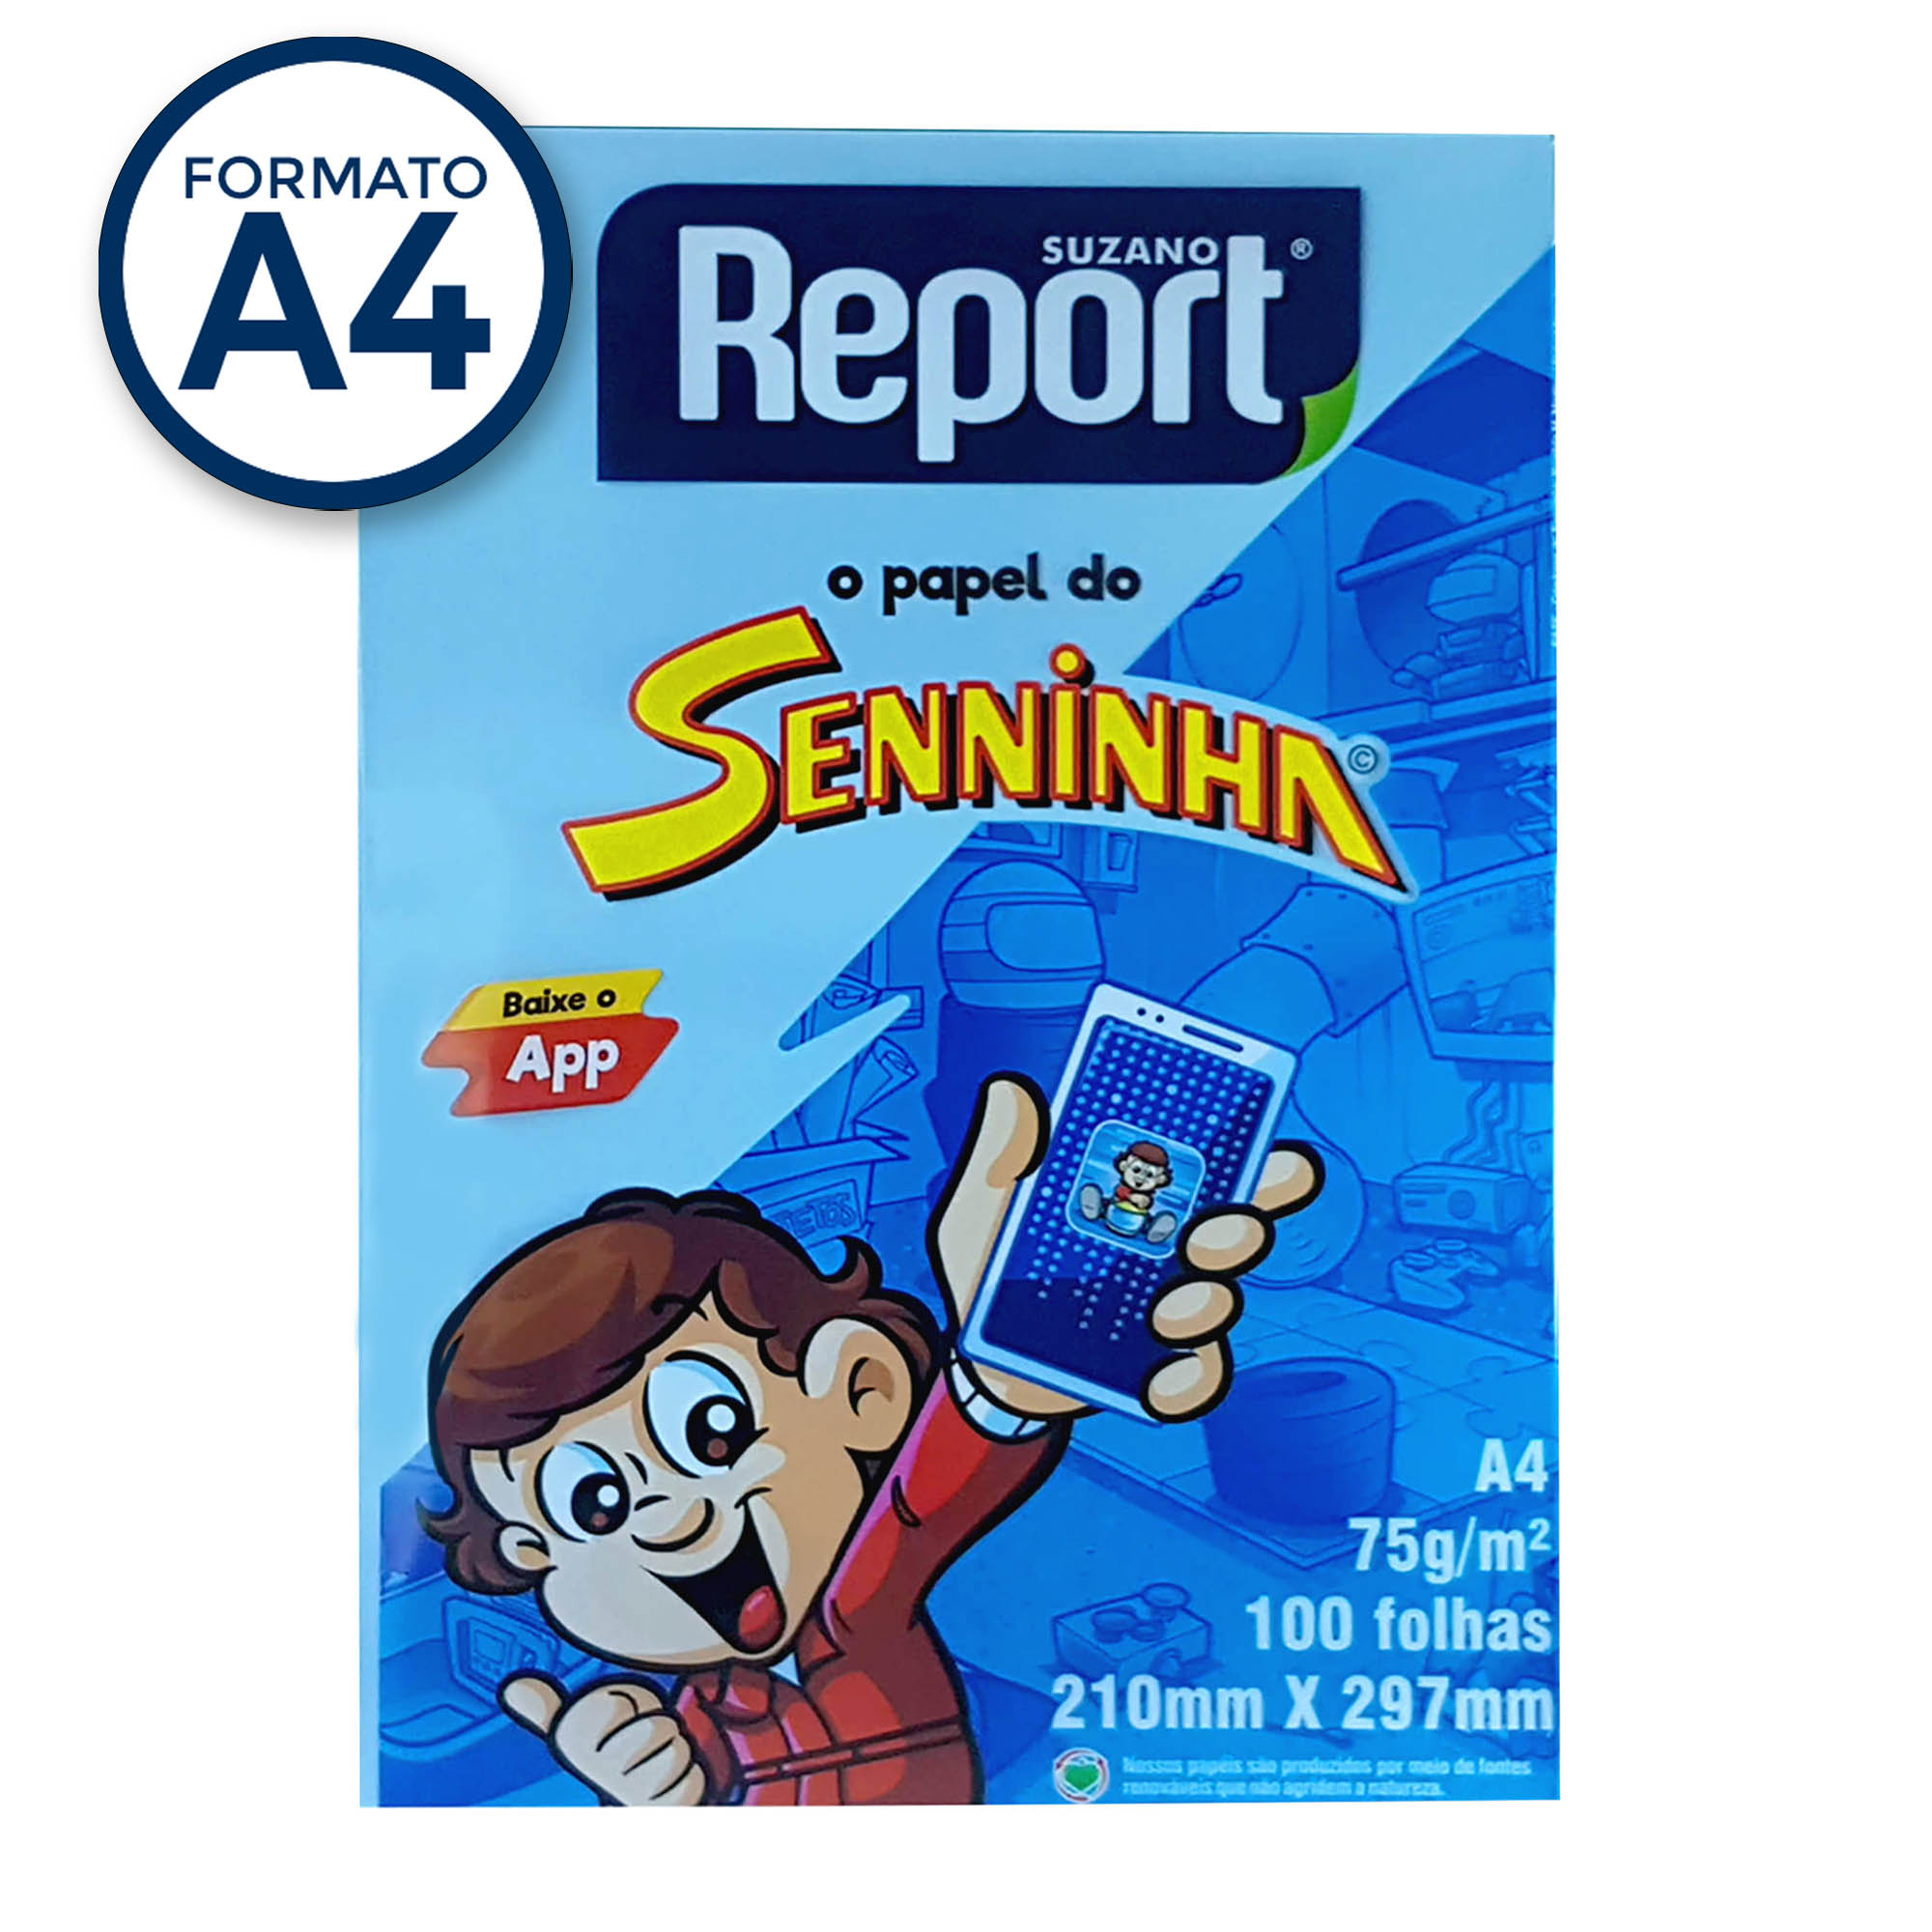 Papel Sulfite A4 Azul 75g Report Senninha  PT 100 fls - Suzano